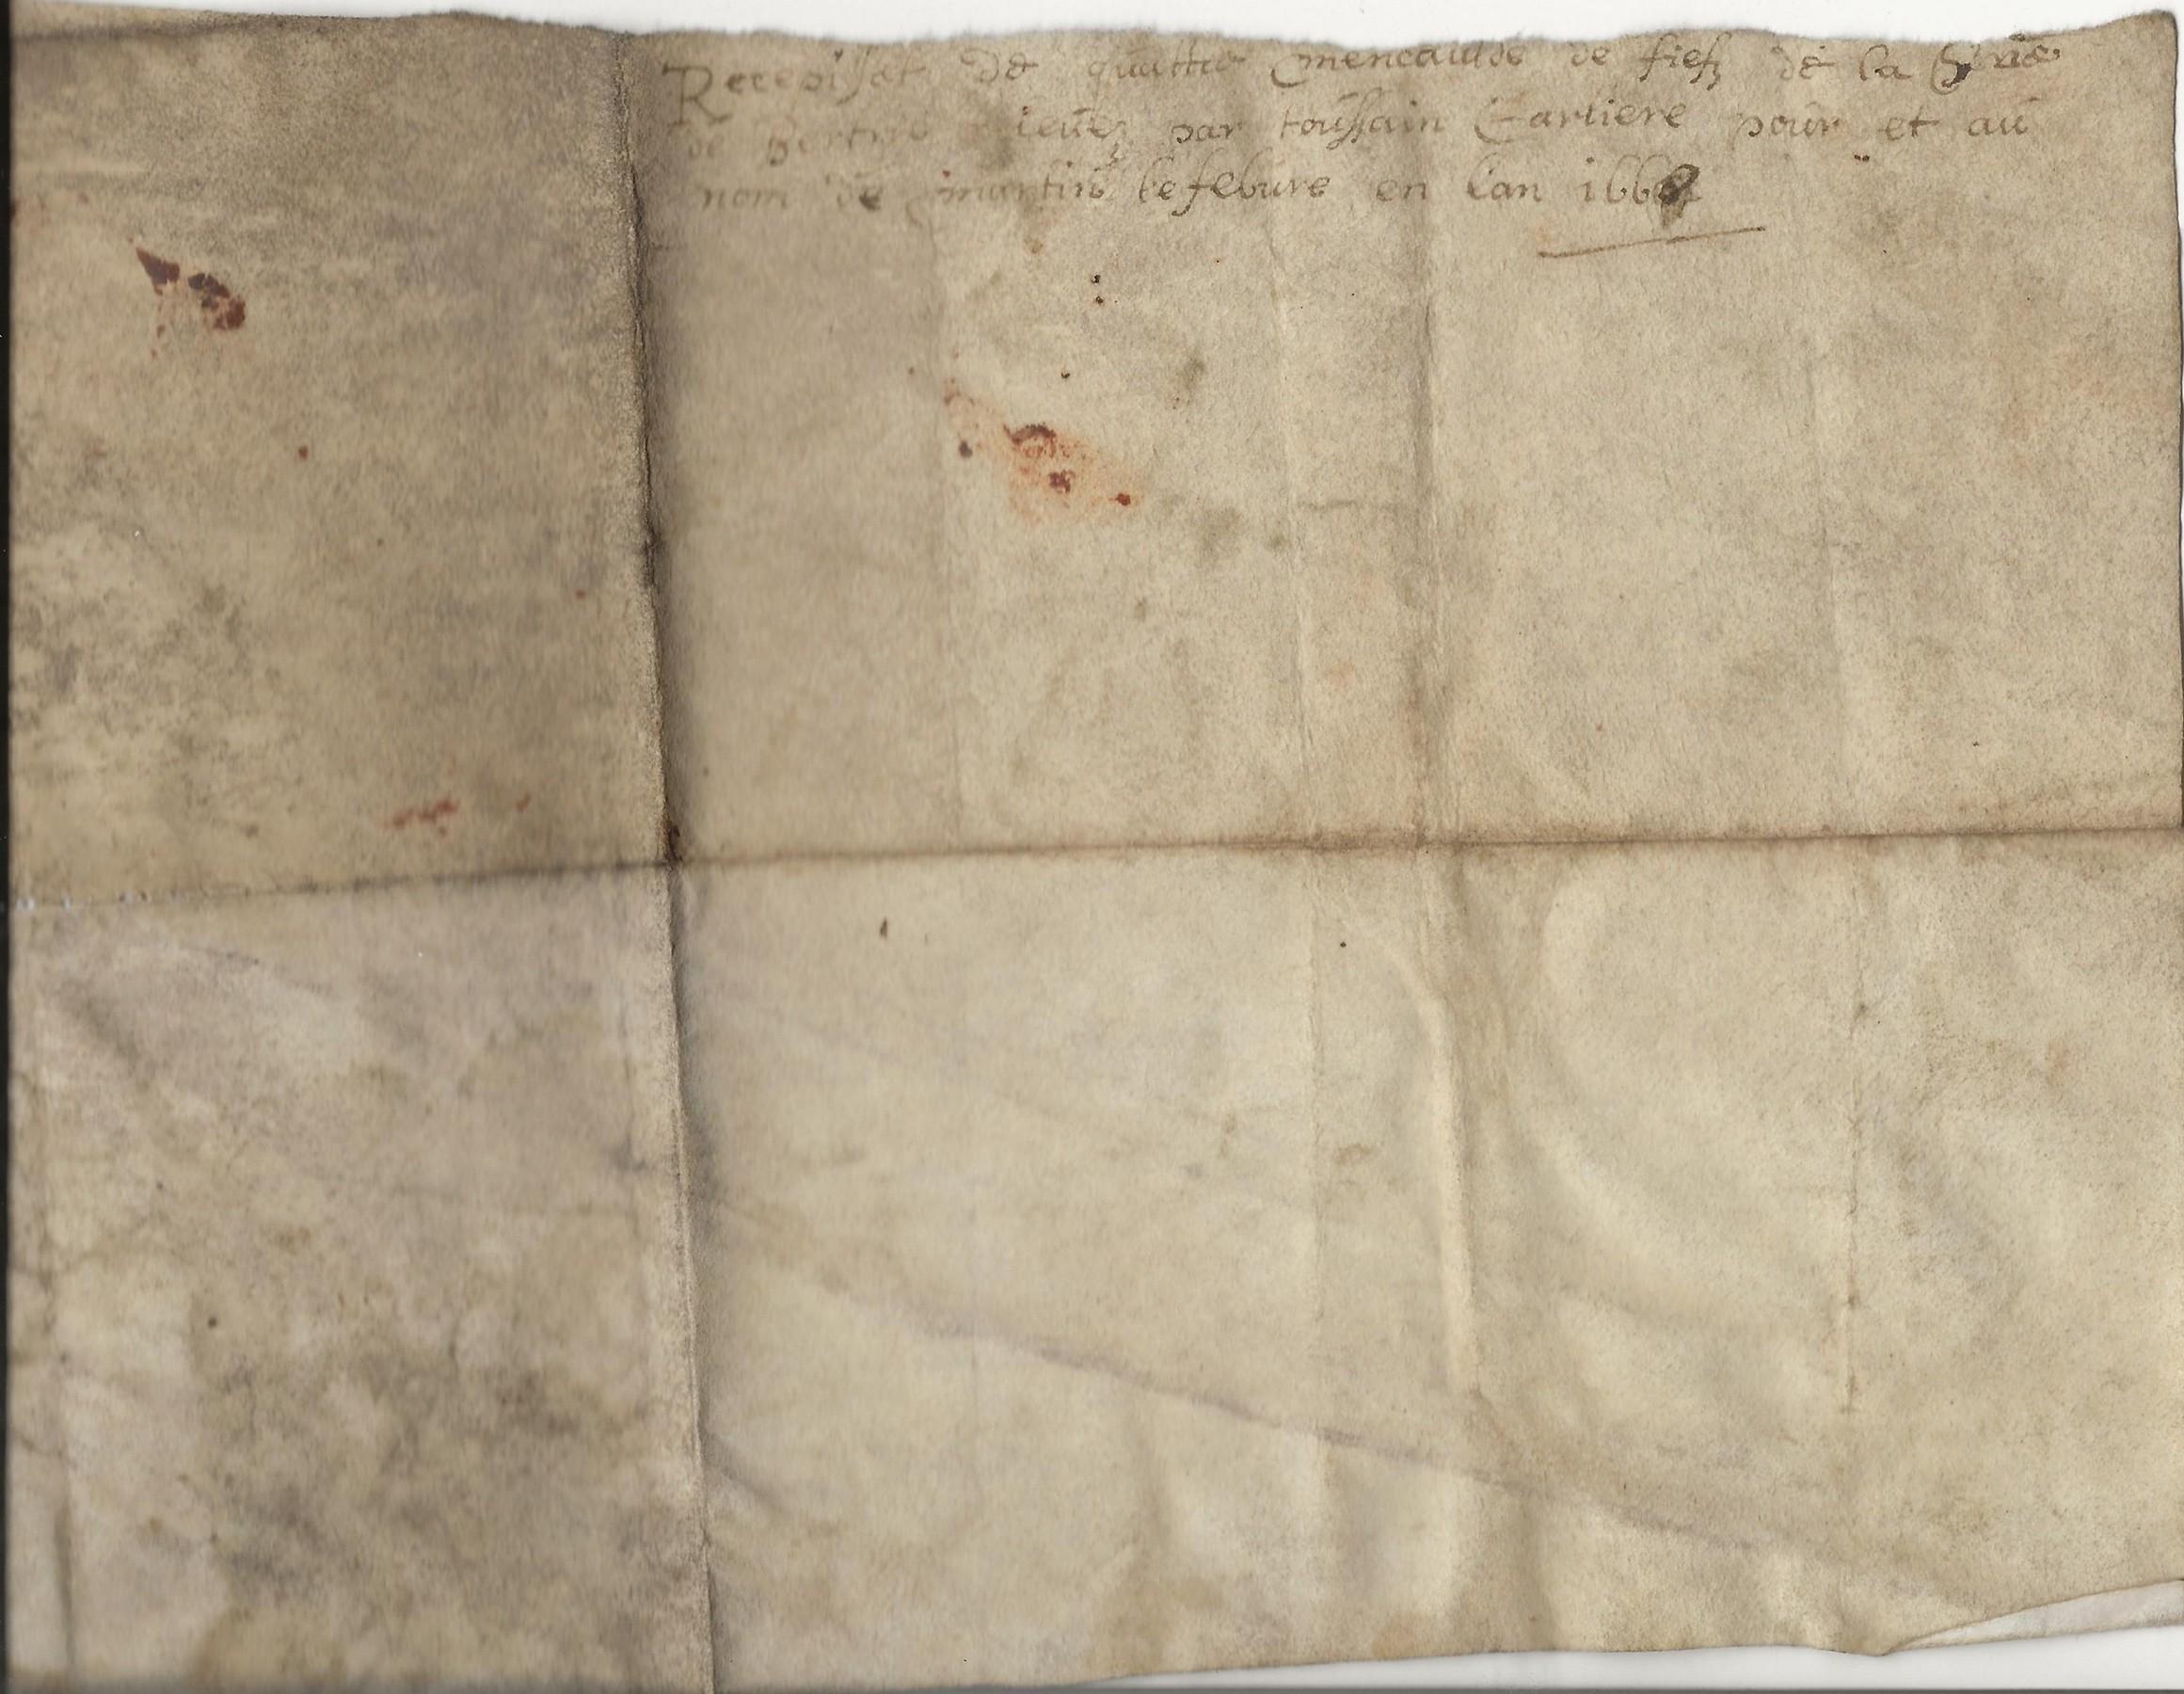 1669 toussaint carlier vente martin lefebvre 4